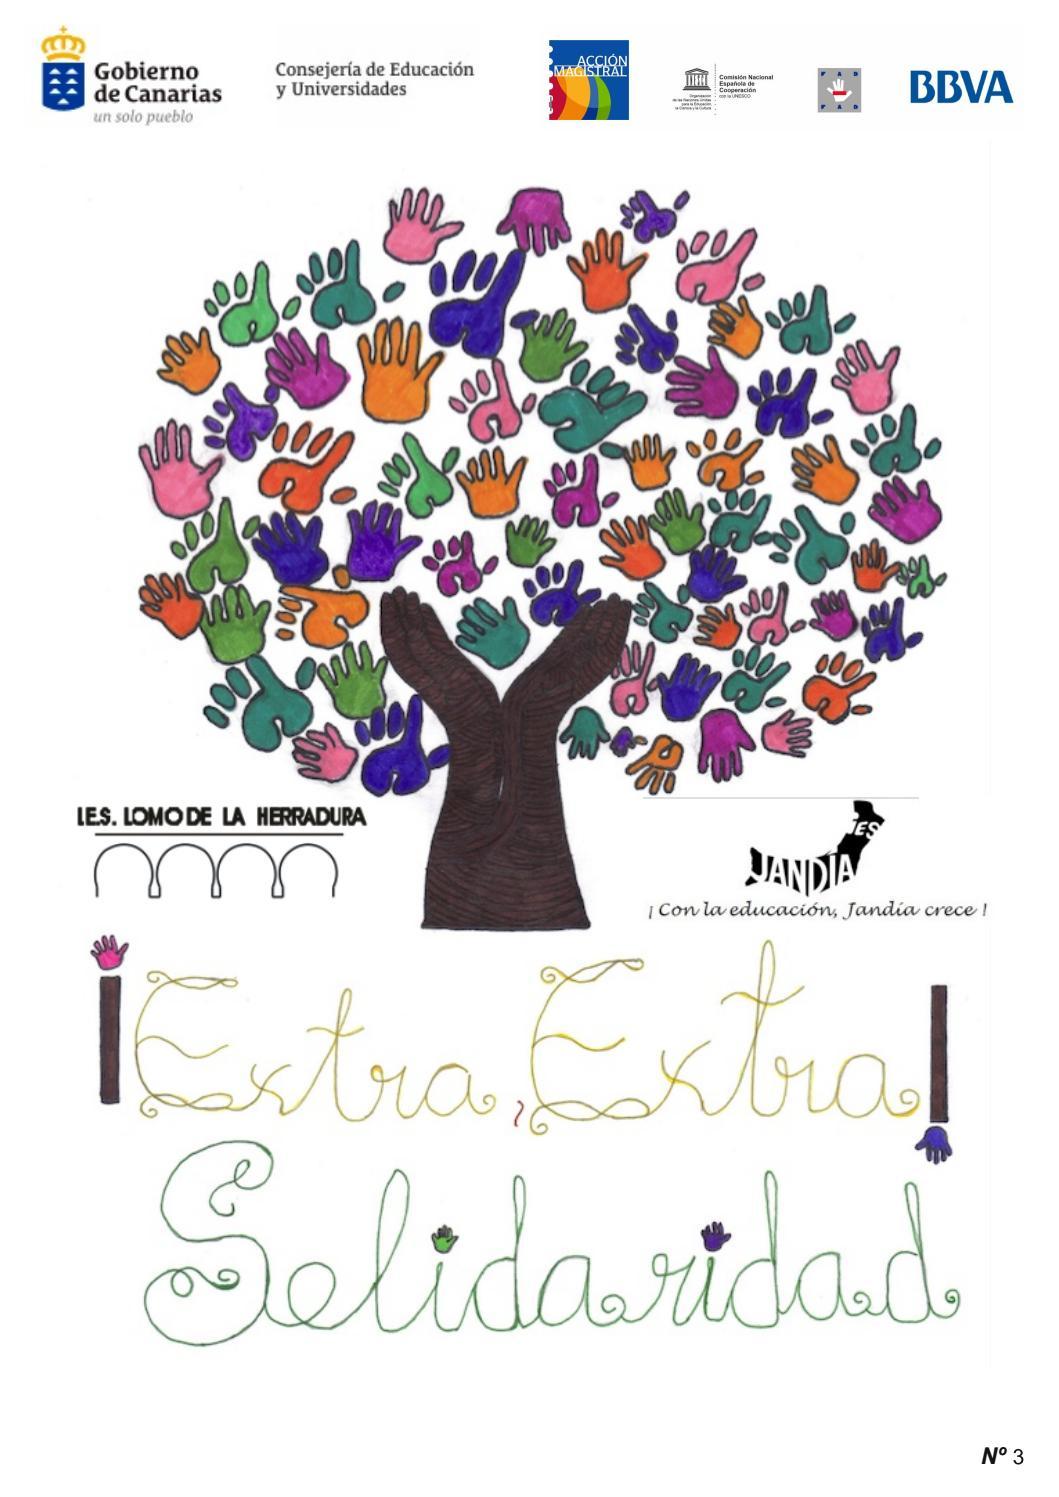 ¡Extra, extra! Solidaridad, nº 3